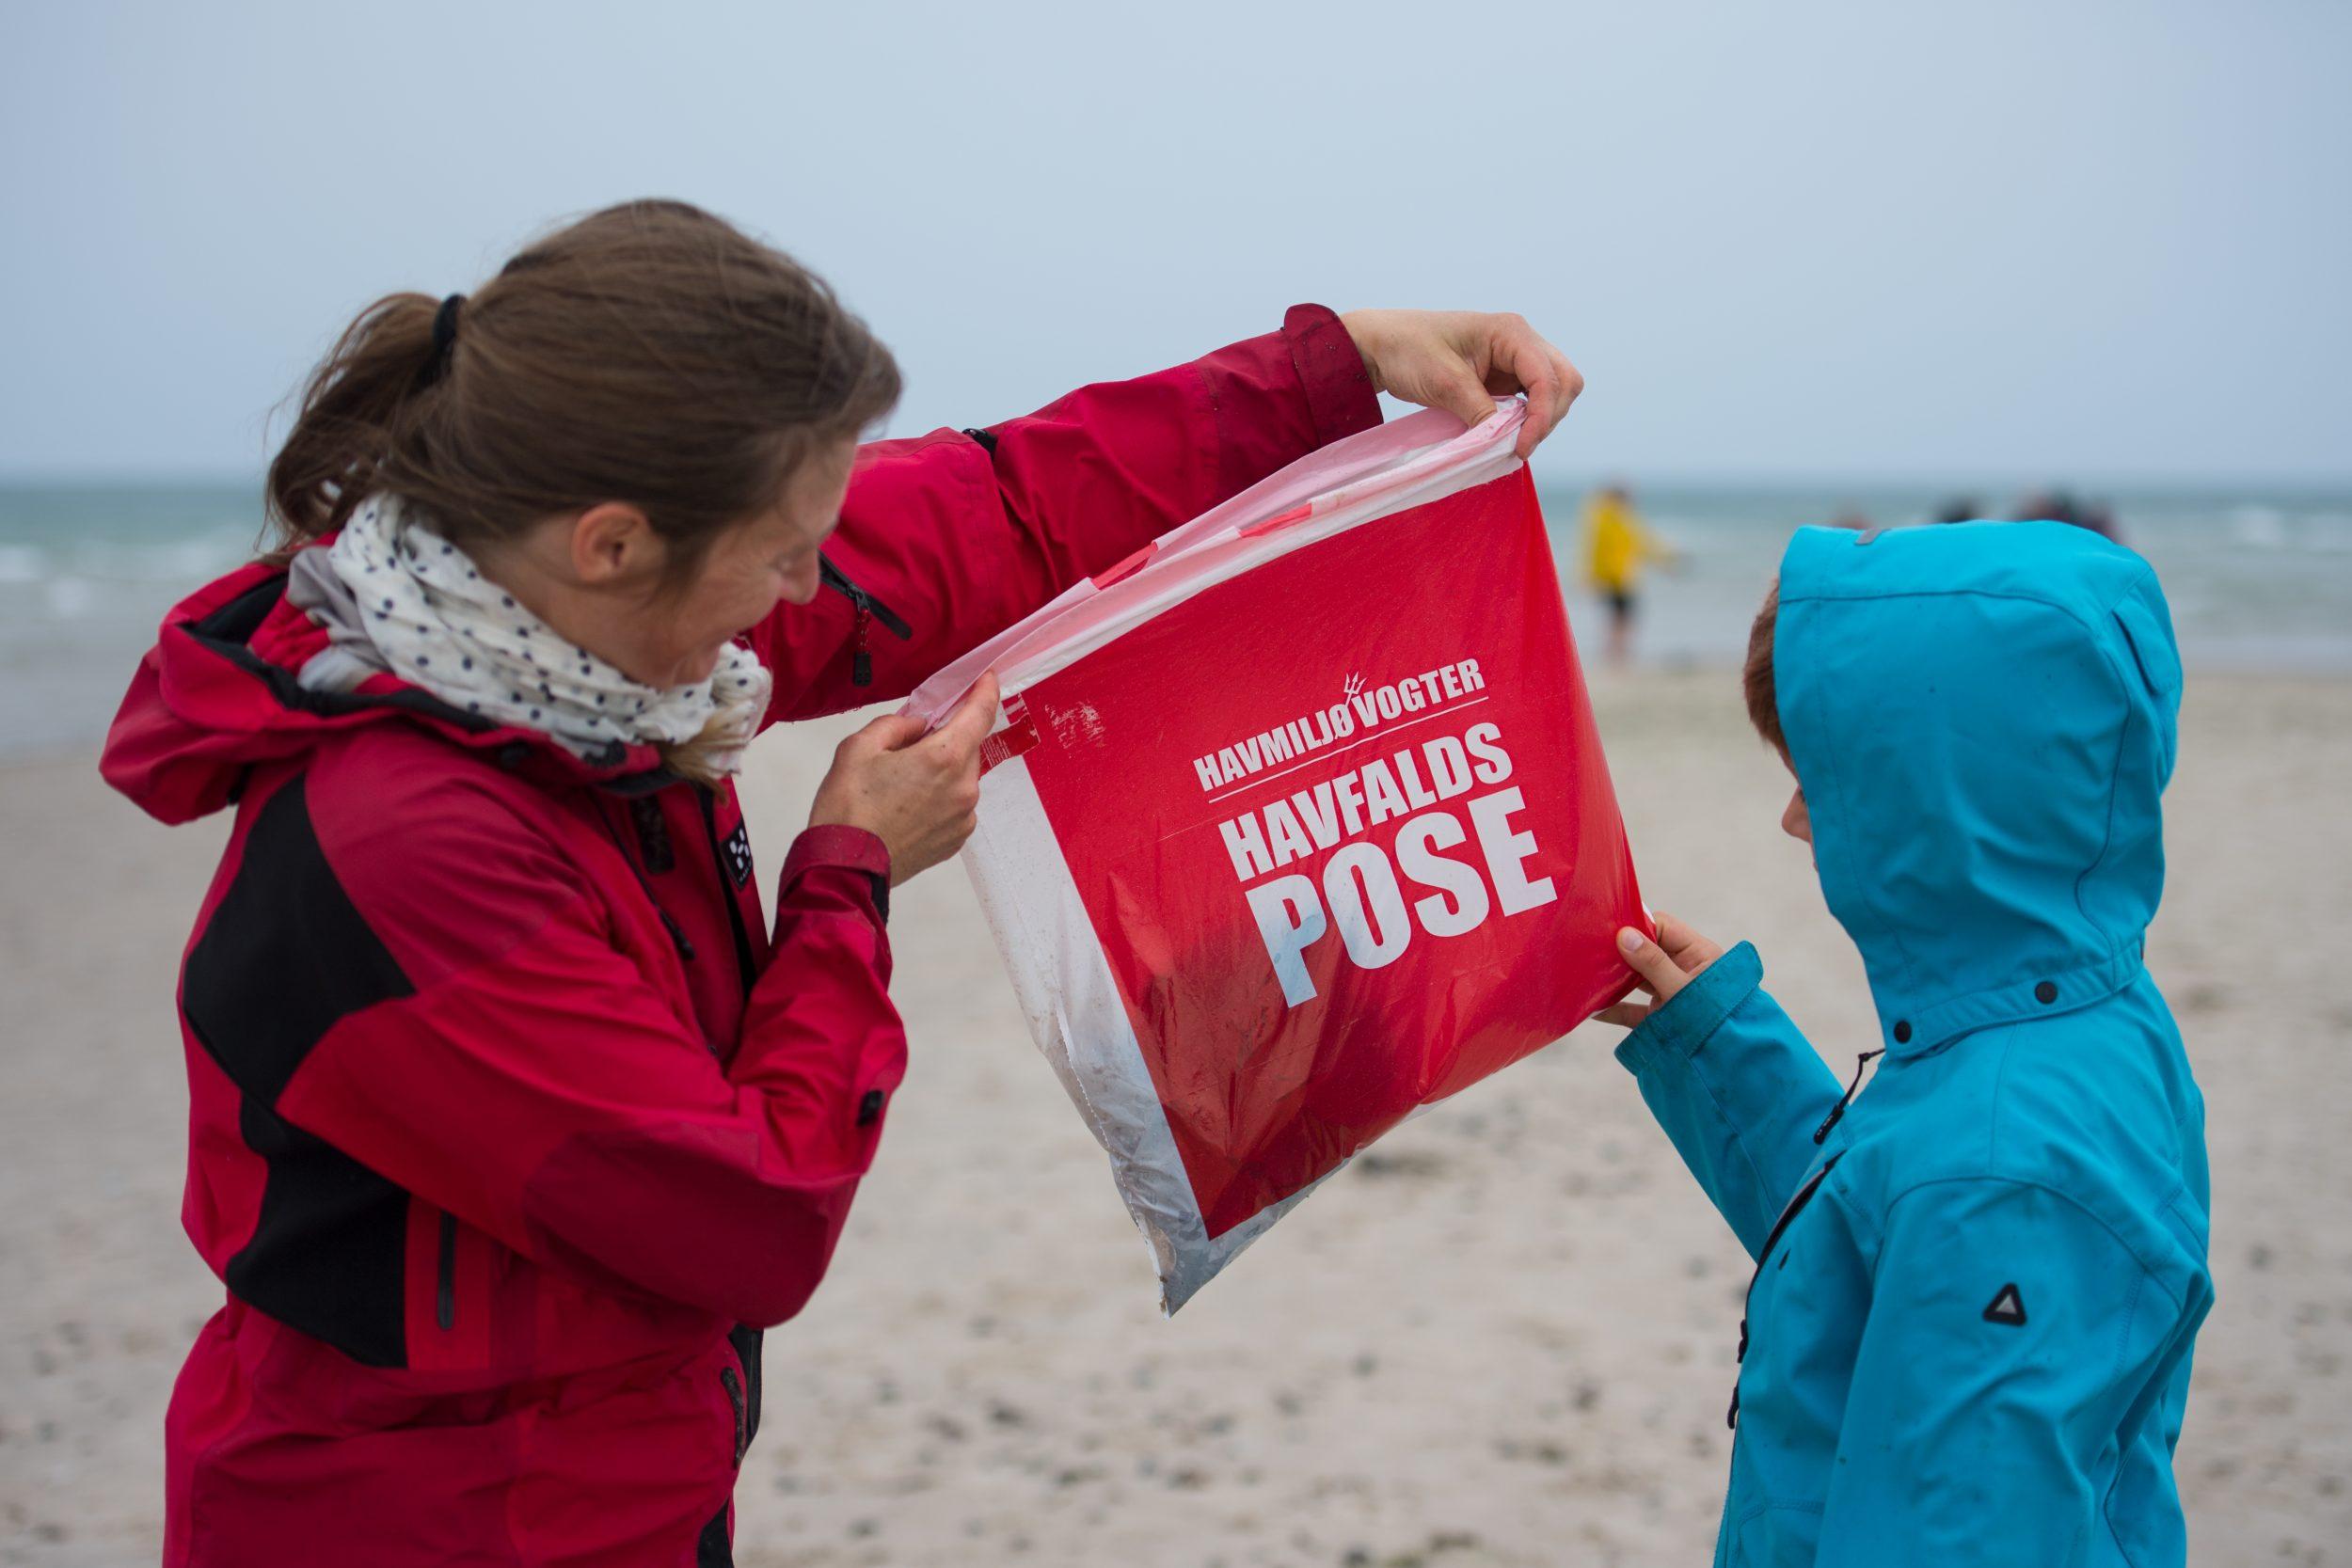 Rene strande er det nye hit blandt børn